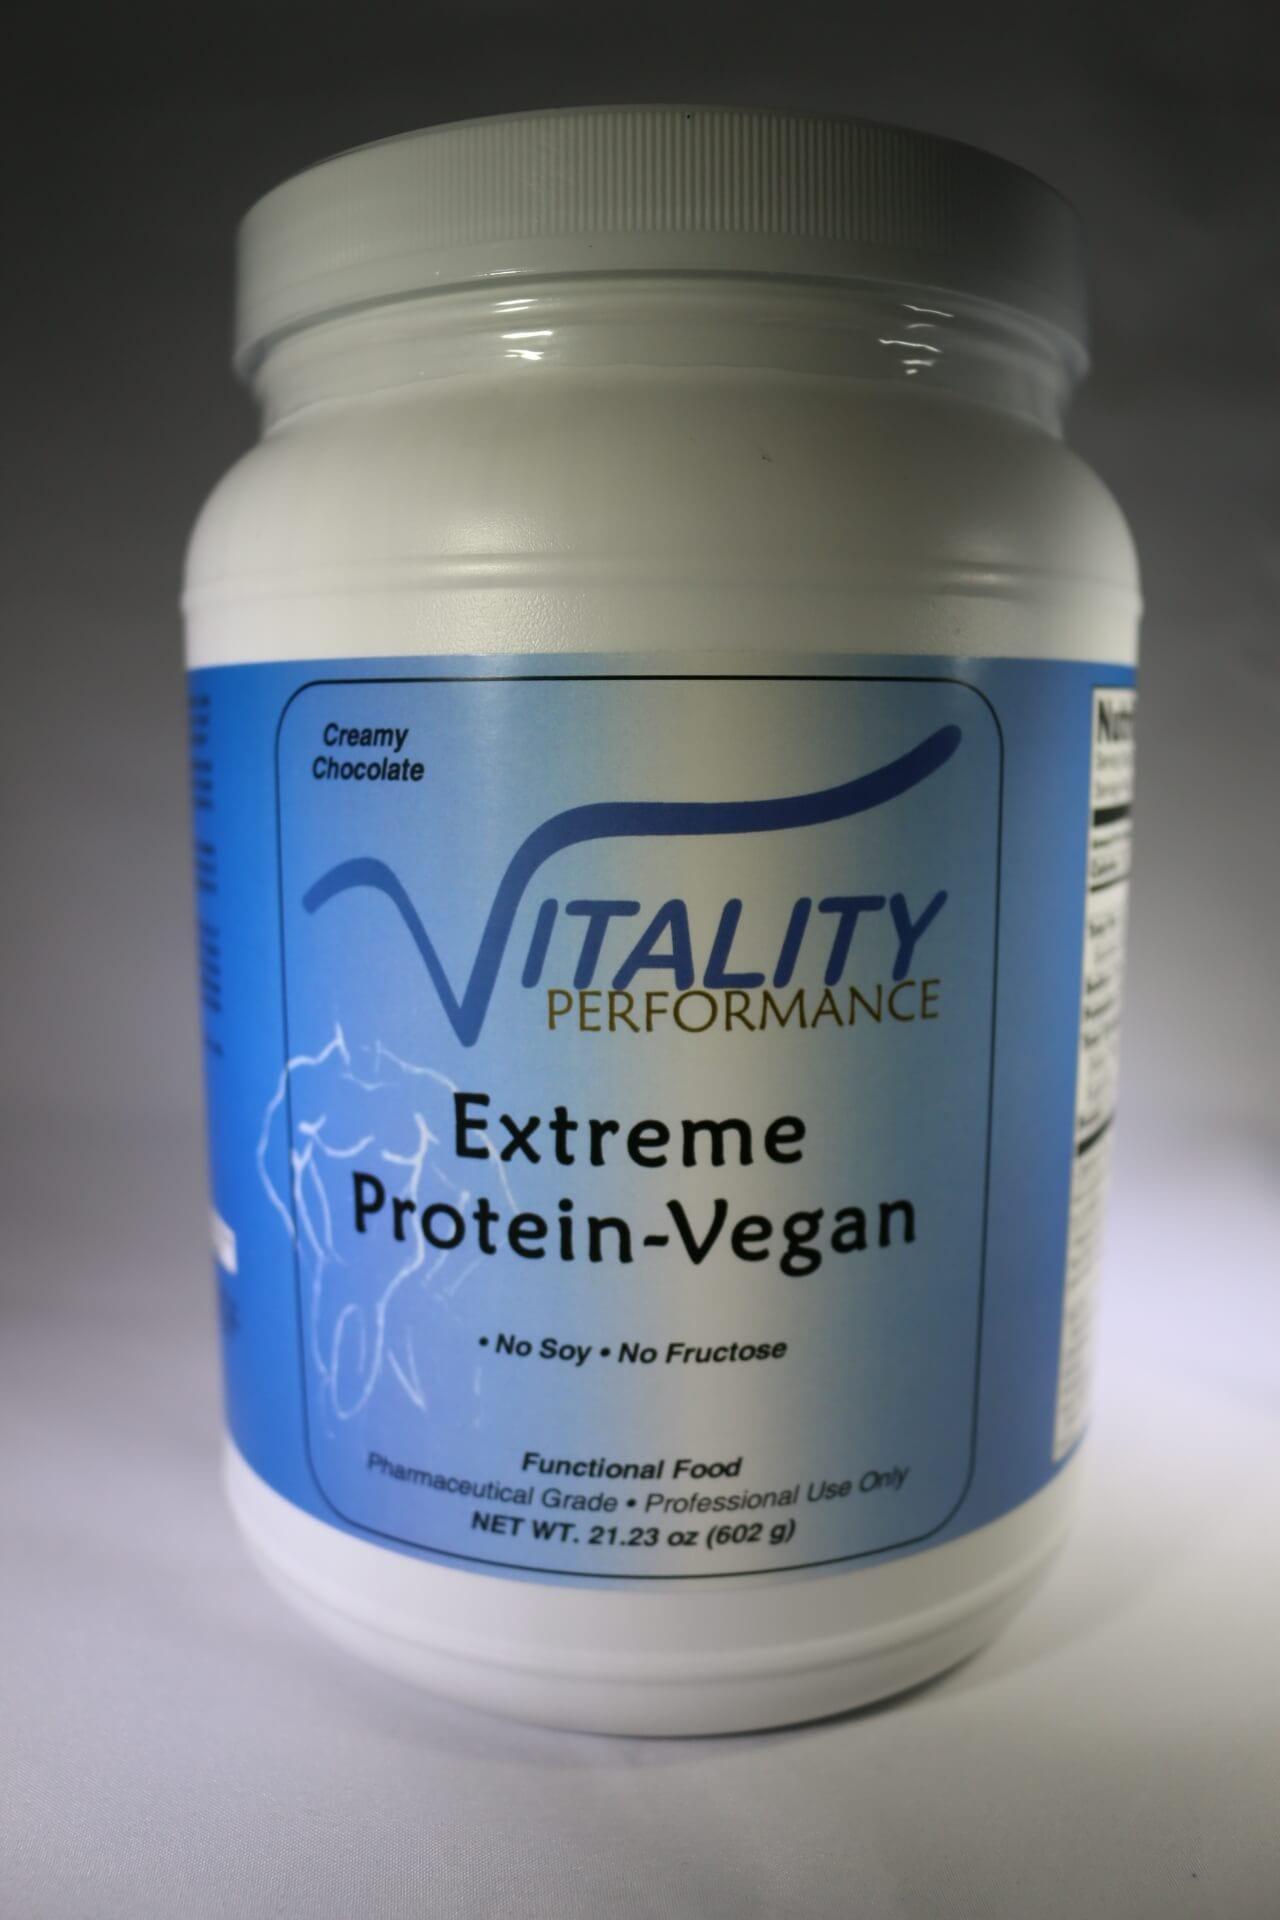 Vitality extreme protein-vegan